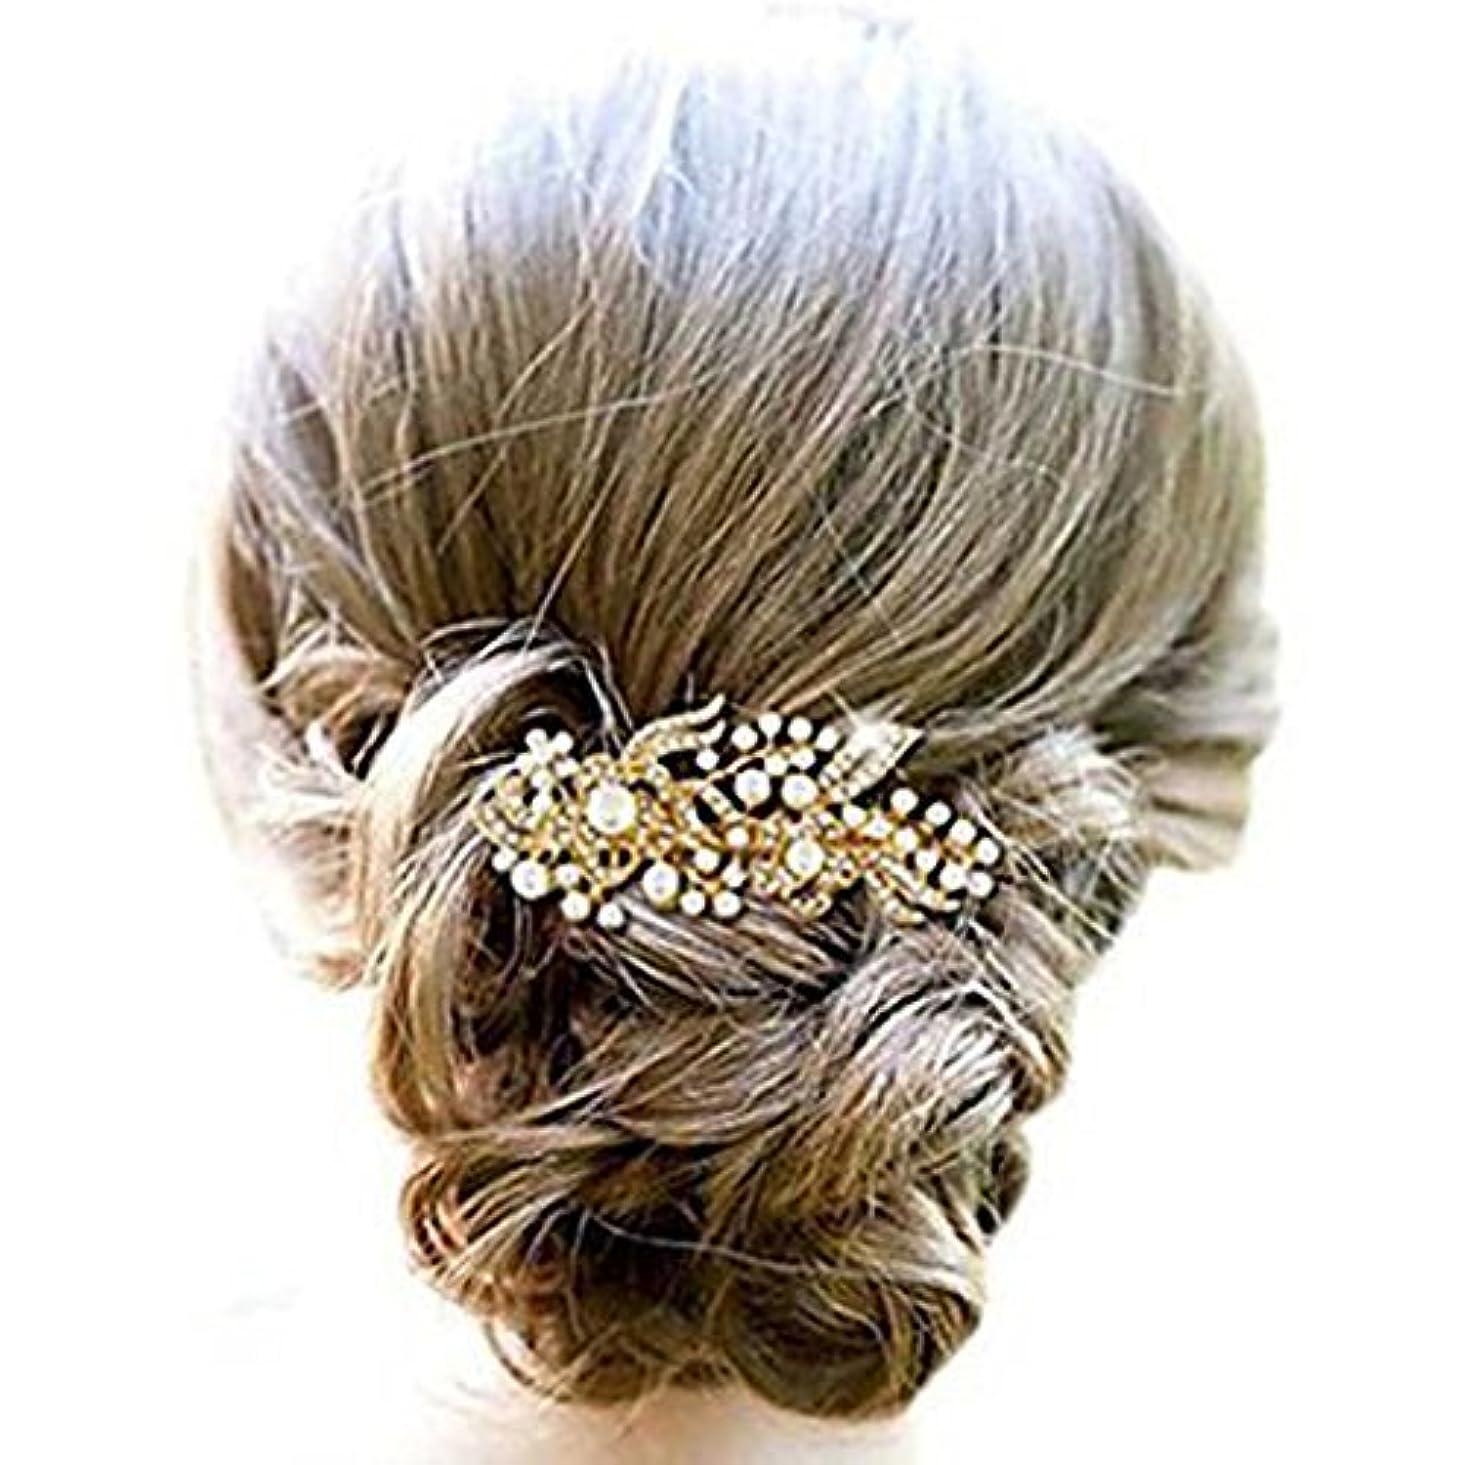 ハプニング高速道路体系的にJovono Bride Wedding Comb Crystal Bridal Hair Accessory Pearl Headpieces for Women and Girls (Gold) [並行輸入品]